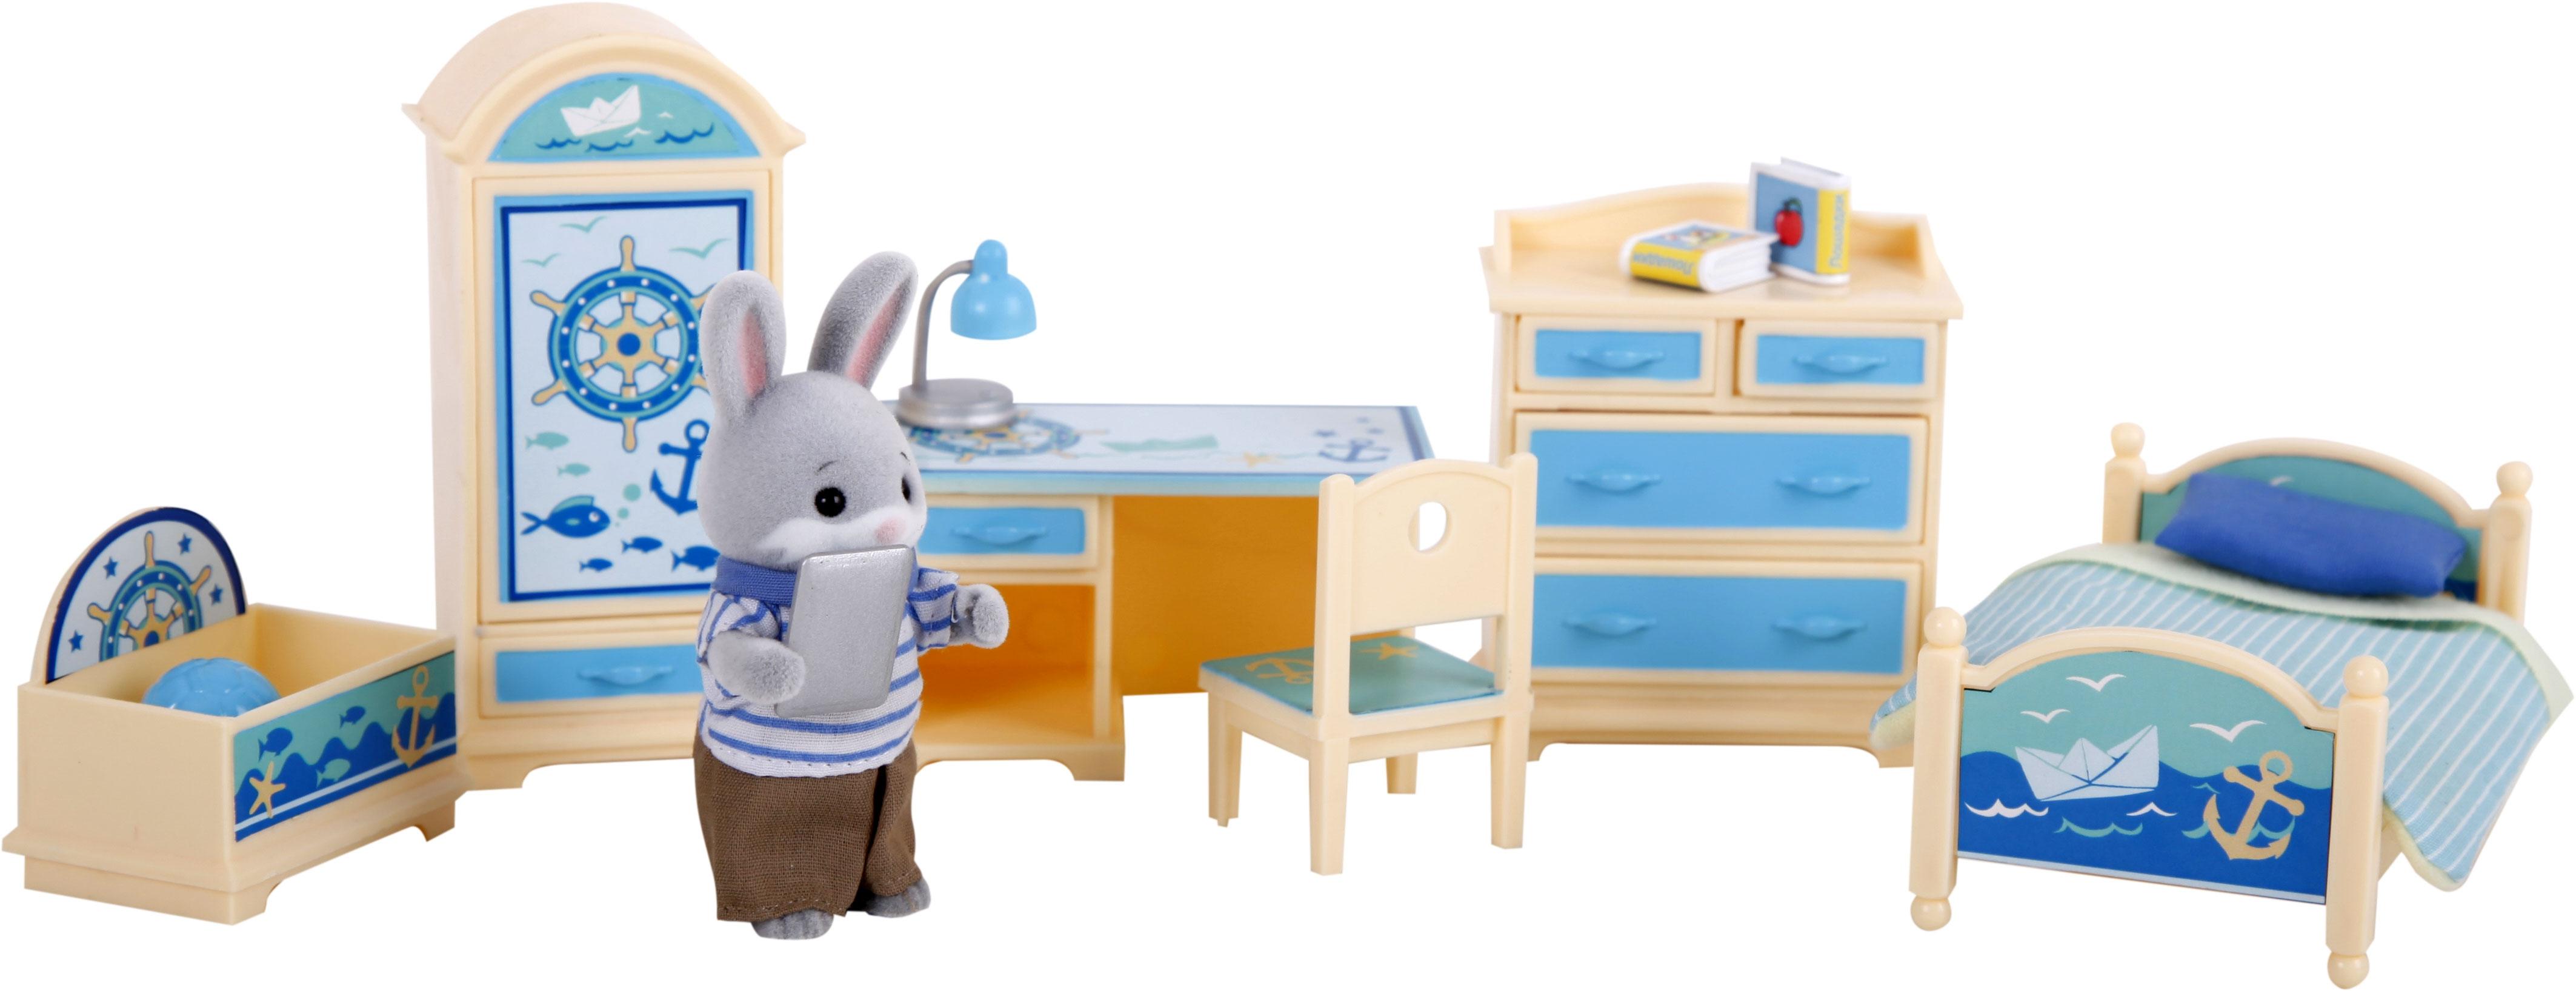 Игровой набор Гулливер VS_204 playmobil игровой набор детская клиника доктор с ребенком